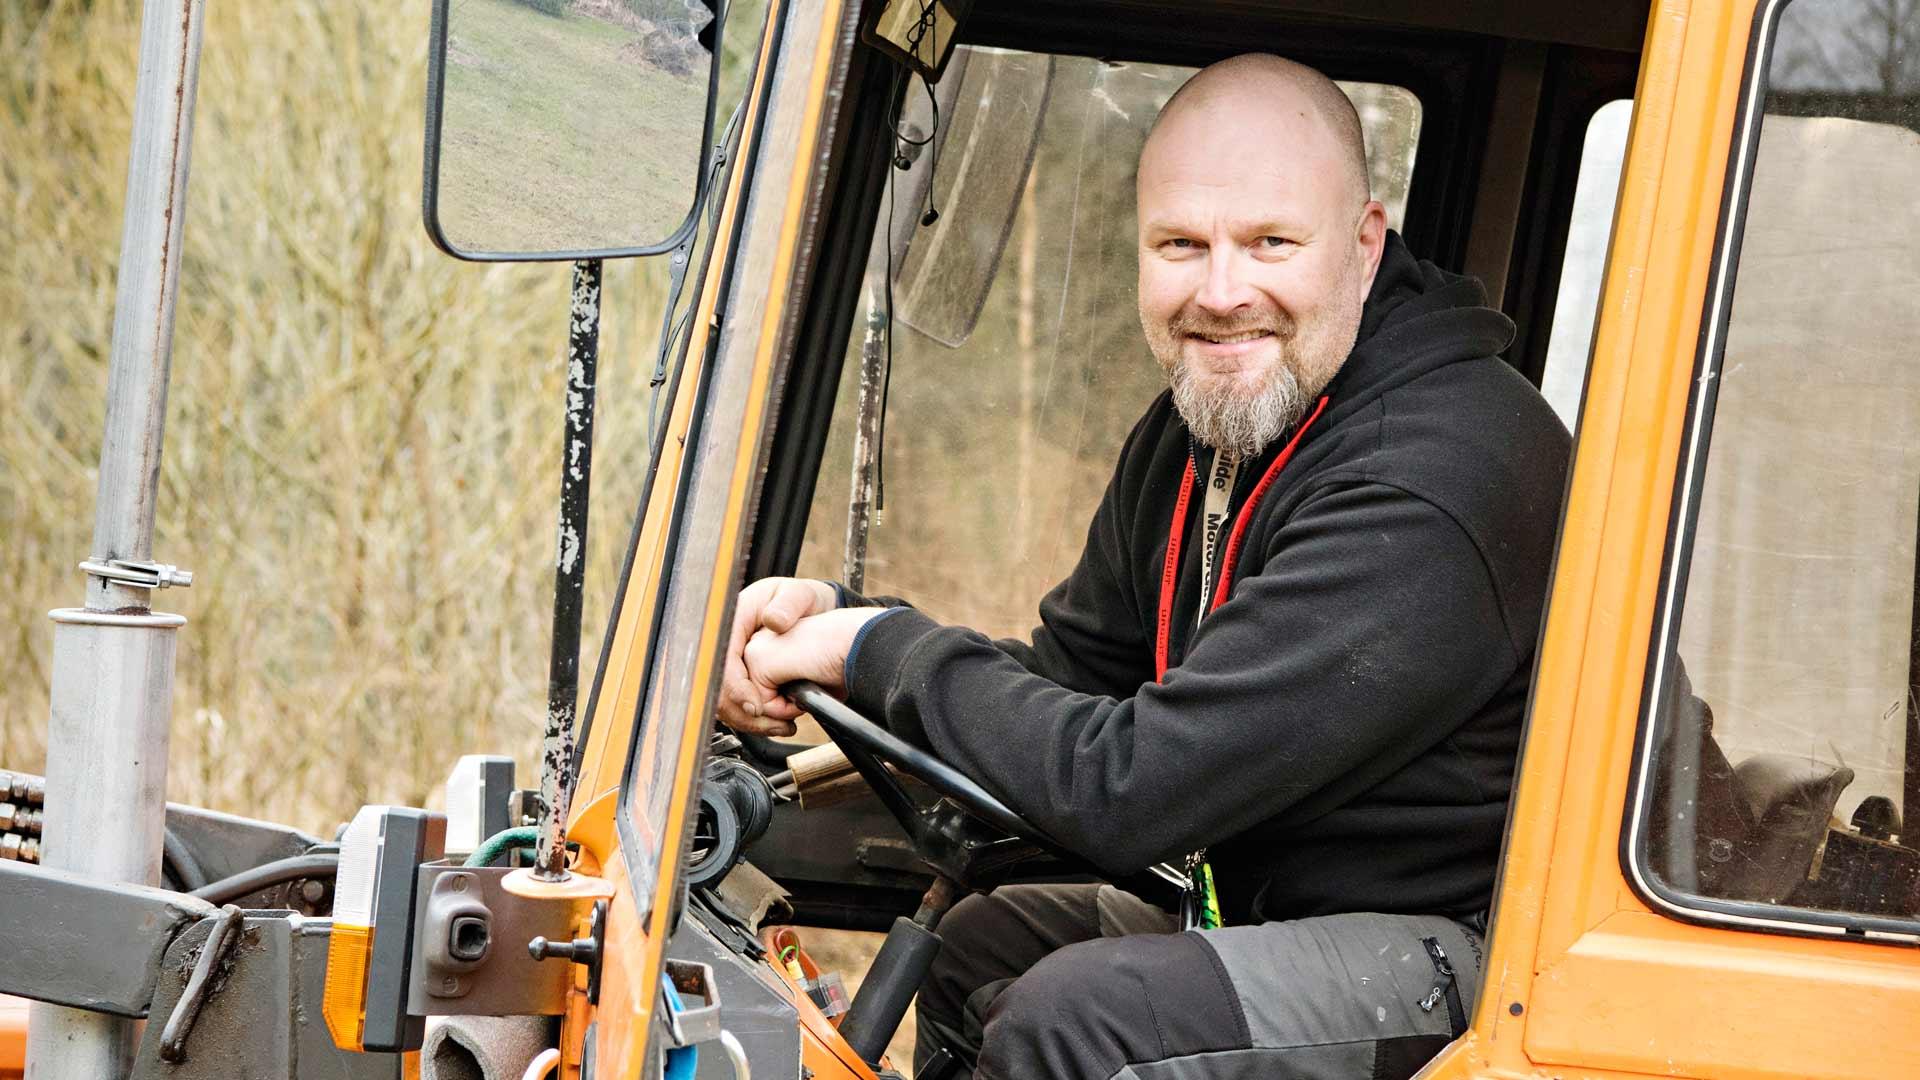 Vaikka ADHD-lääkitys on rauhoittanut Osku Kuuselaa, elämässä on yhä paljon touhua. Kotipihalla on puuhamaa traktorin, veneiden ja ruohonleikkurien kanssa.